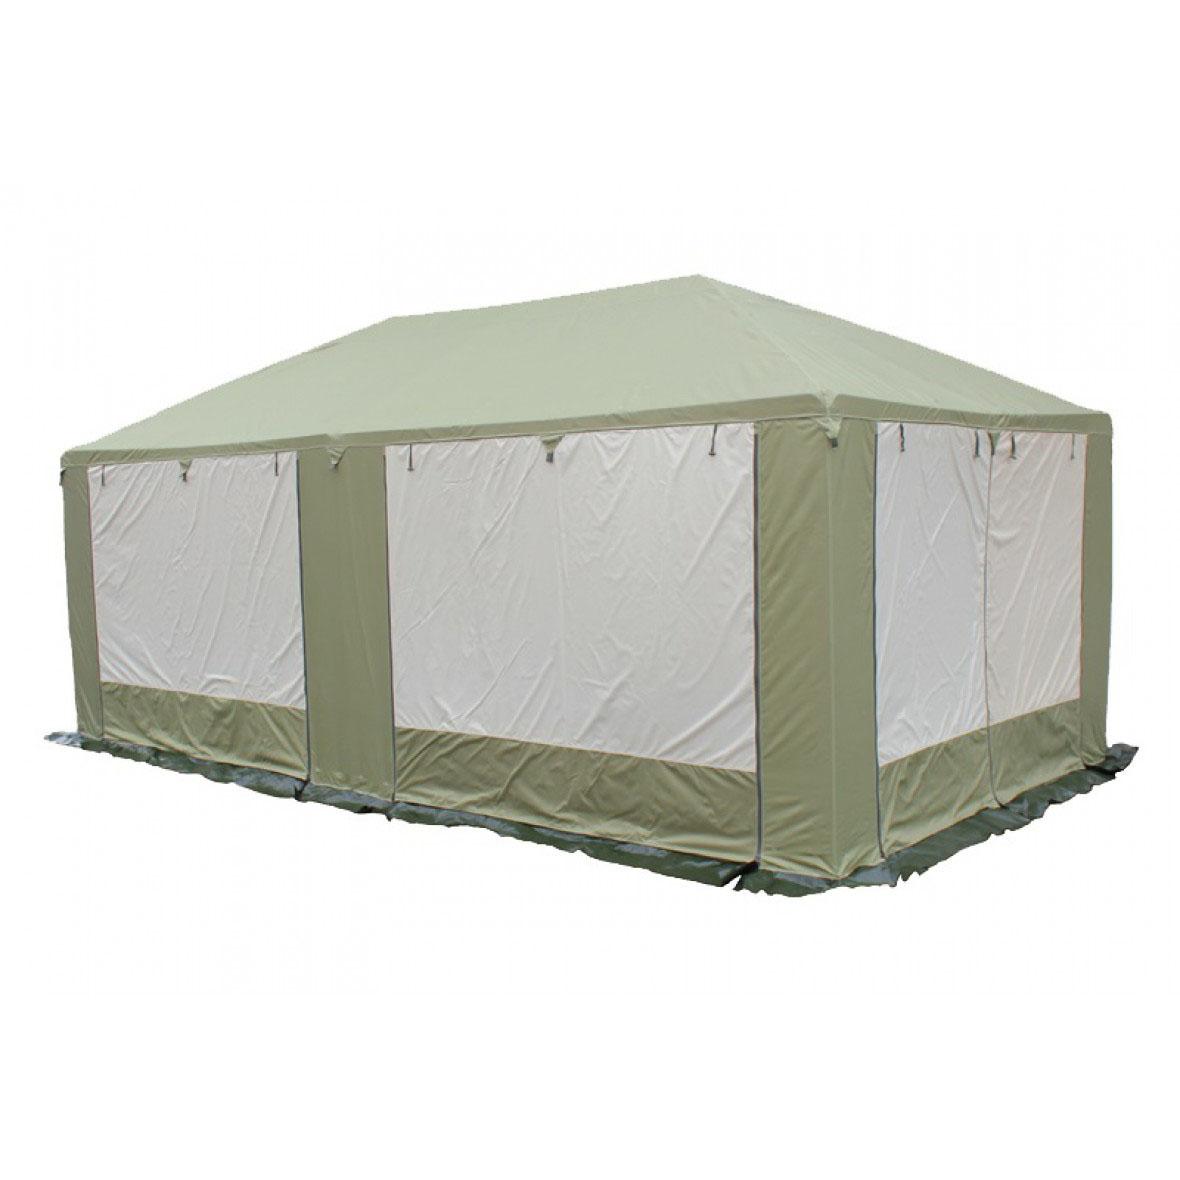 Шатер Митек Пикник 5.0х2.5 (каркас Люкс) зеленый